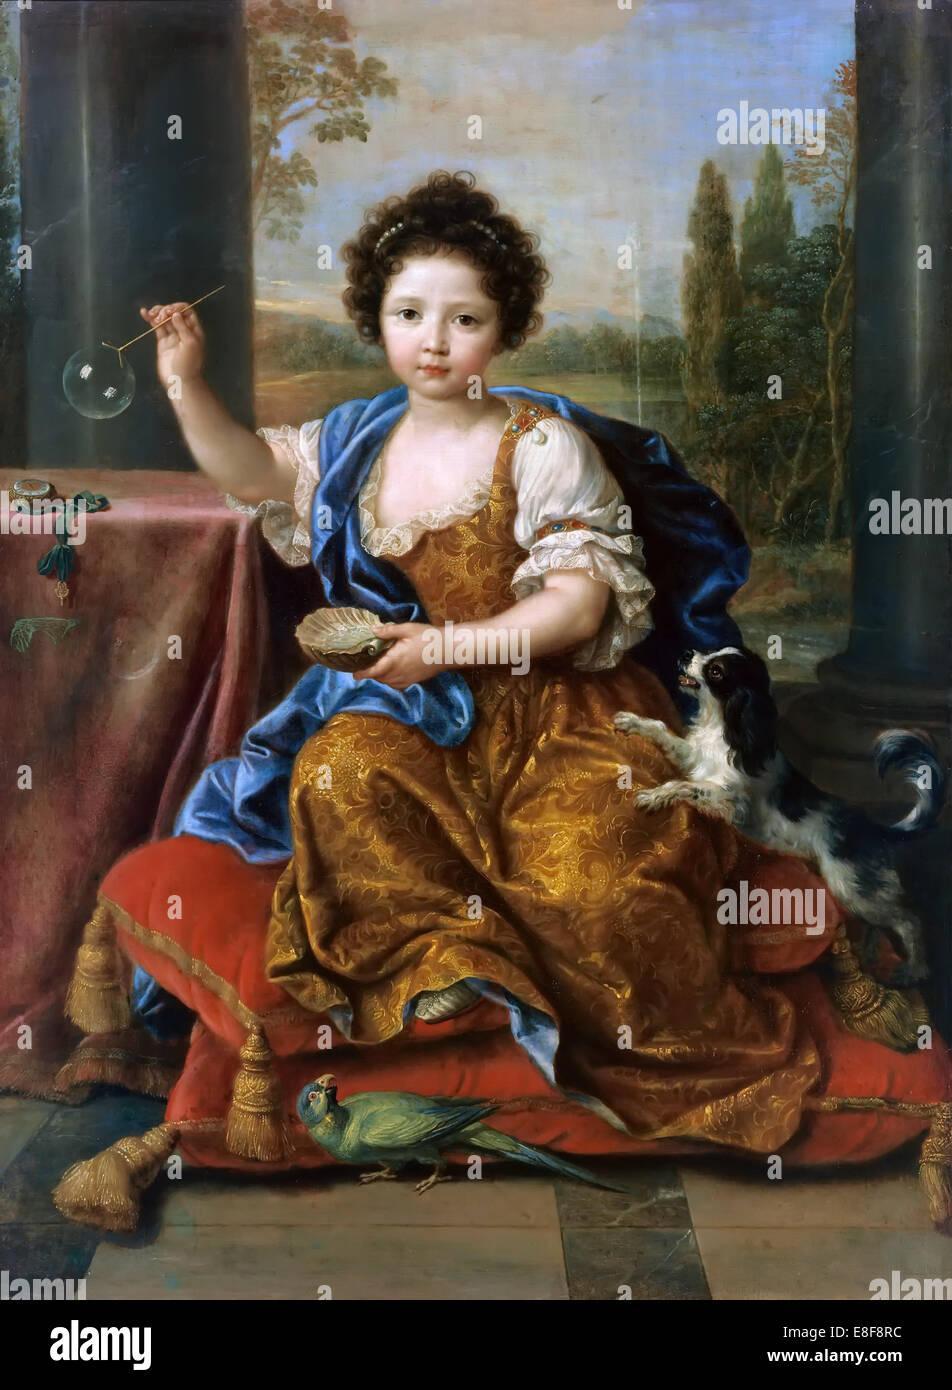 Louise Marie de Bourbon (1674-1681), duchesse d'Orléans. Artist: Mignard, Pierre (1612-1695) - Stock Image